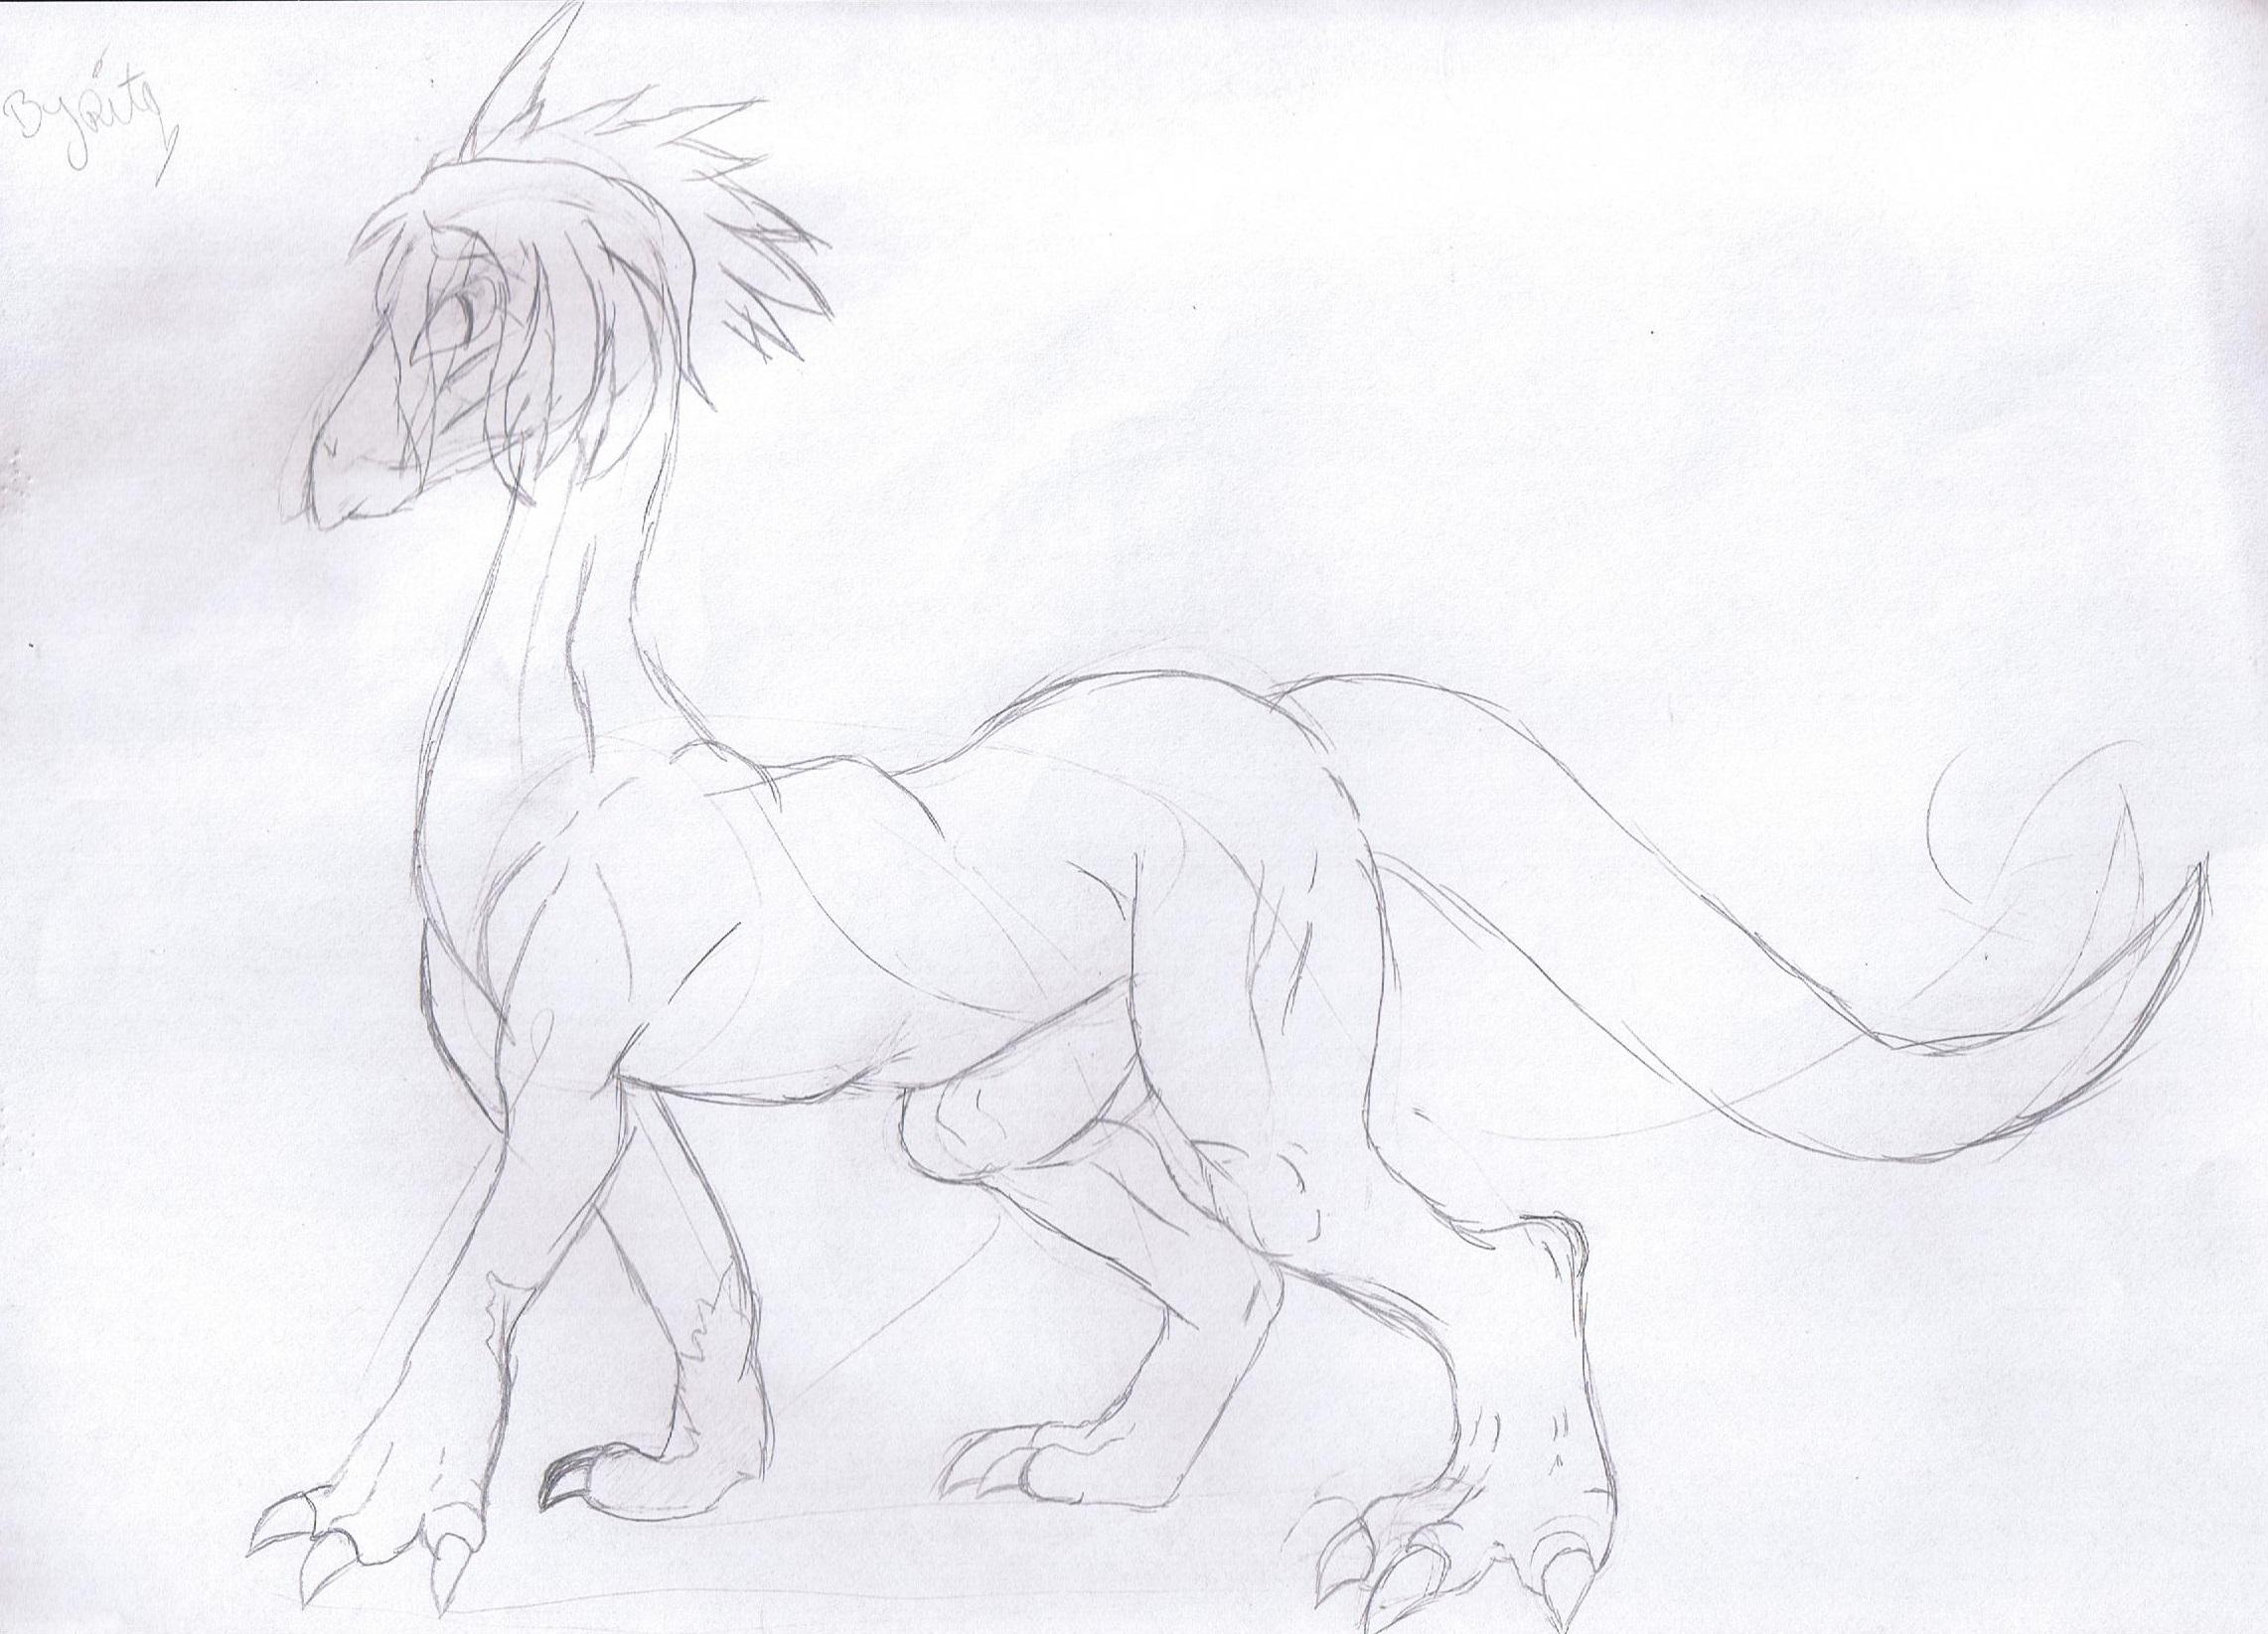 dragon__by_rita_and_skipper-d751y1f.jpg